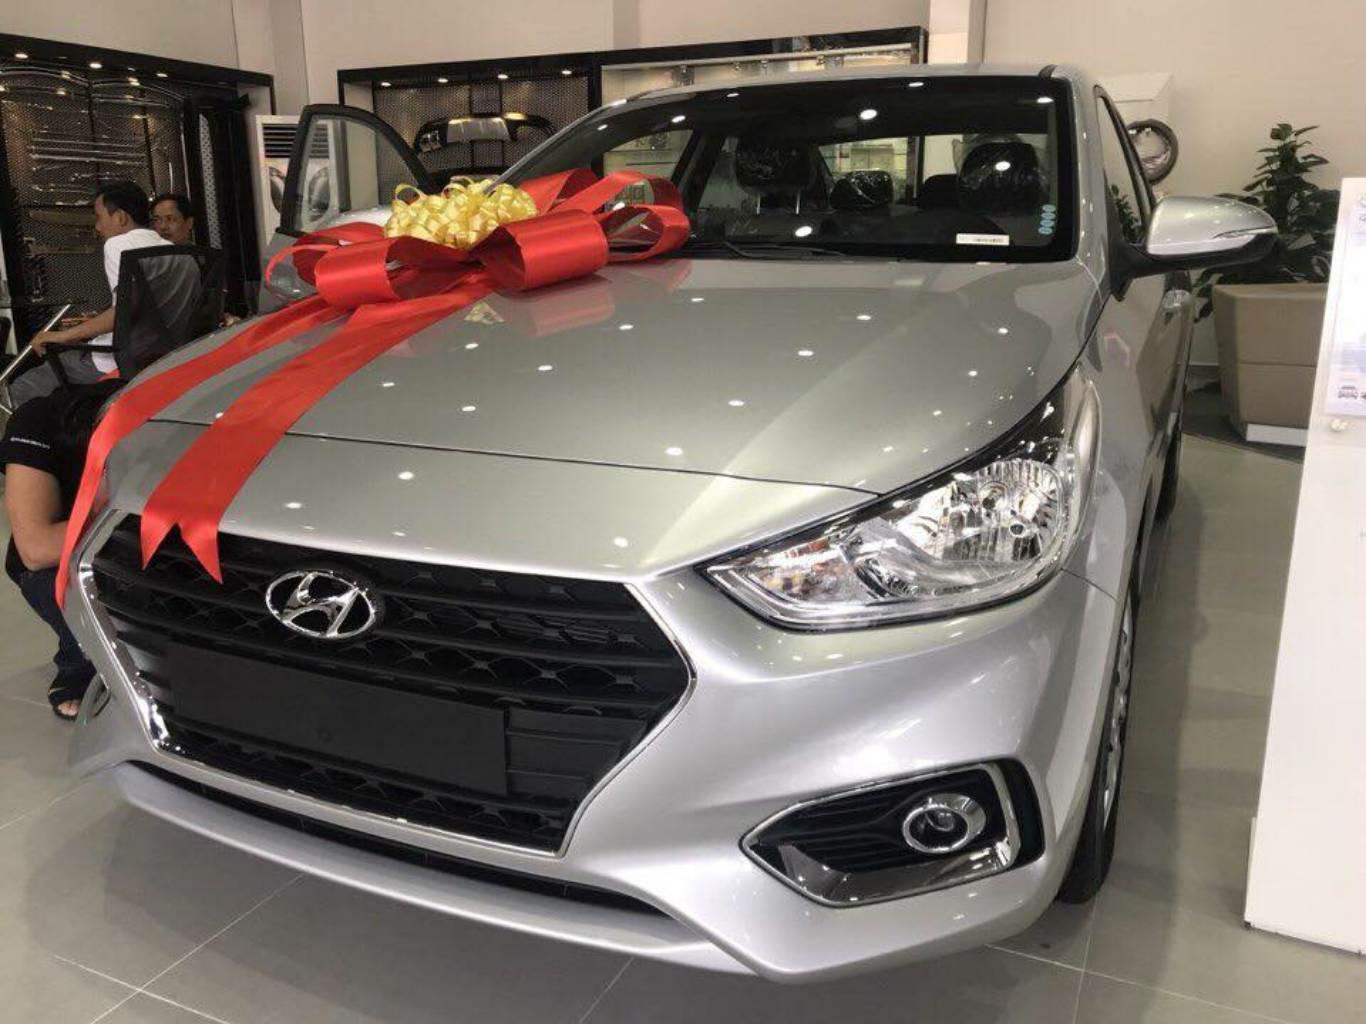 Tìm hiểu Hyundai Accent 1.4 MT tiêu chuẩn tại thị trường Việt Nam